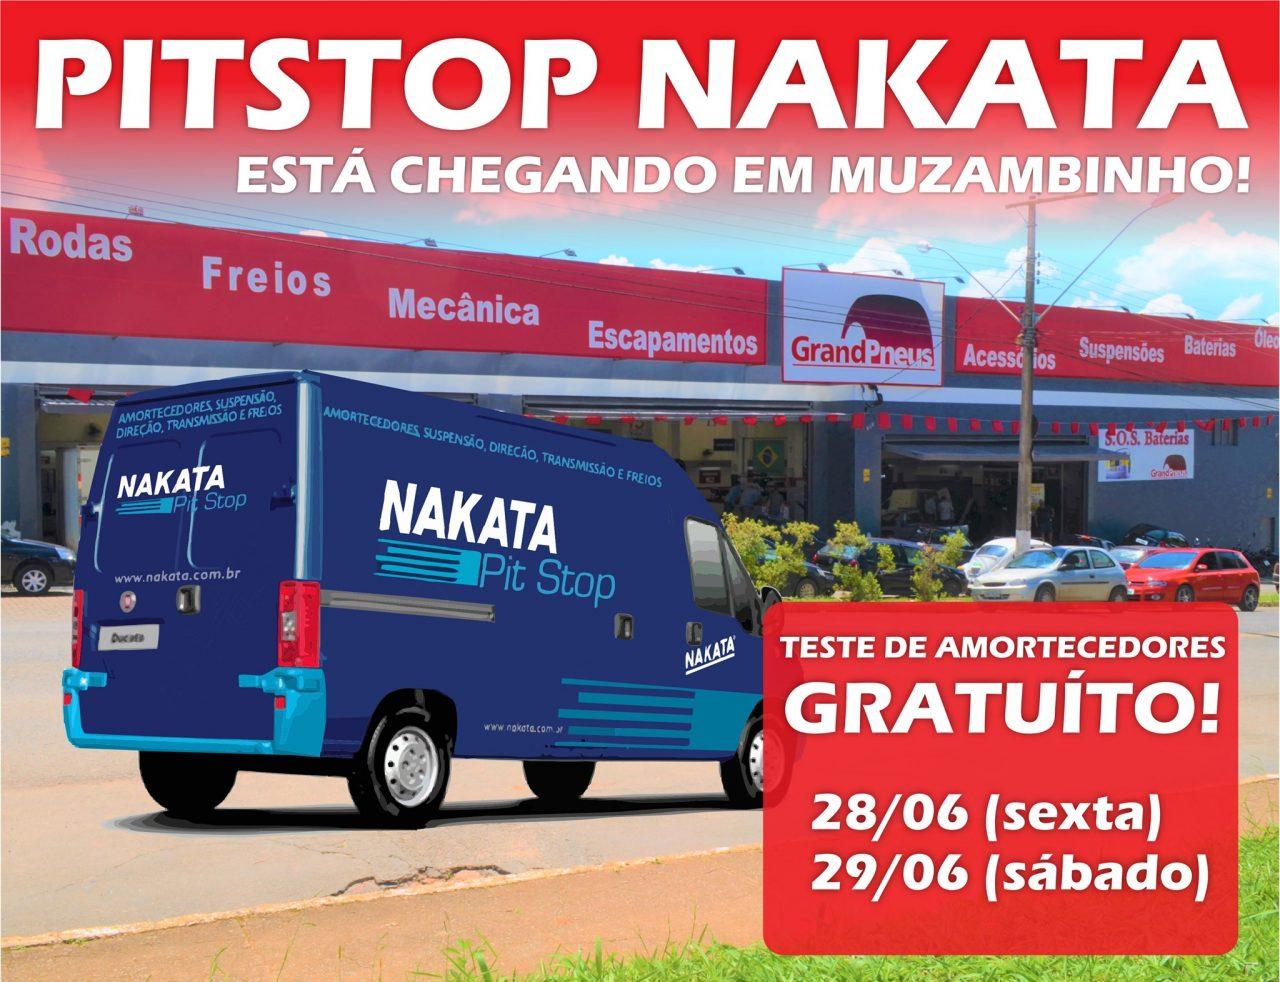 NakataPitStop